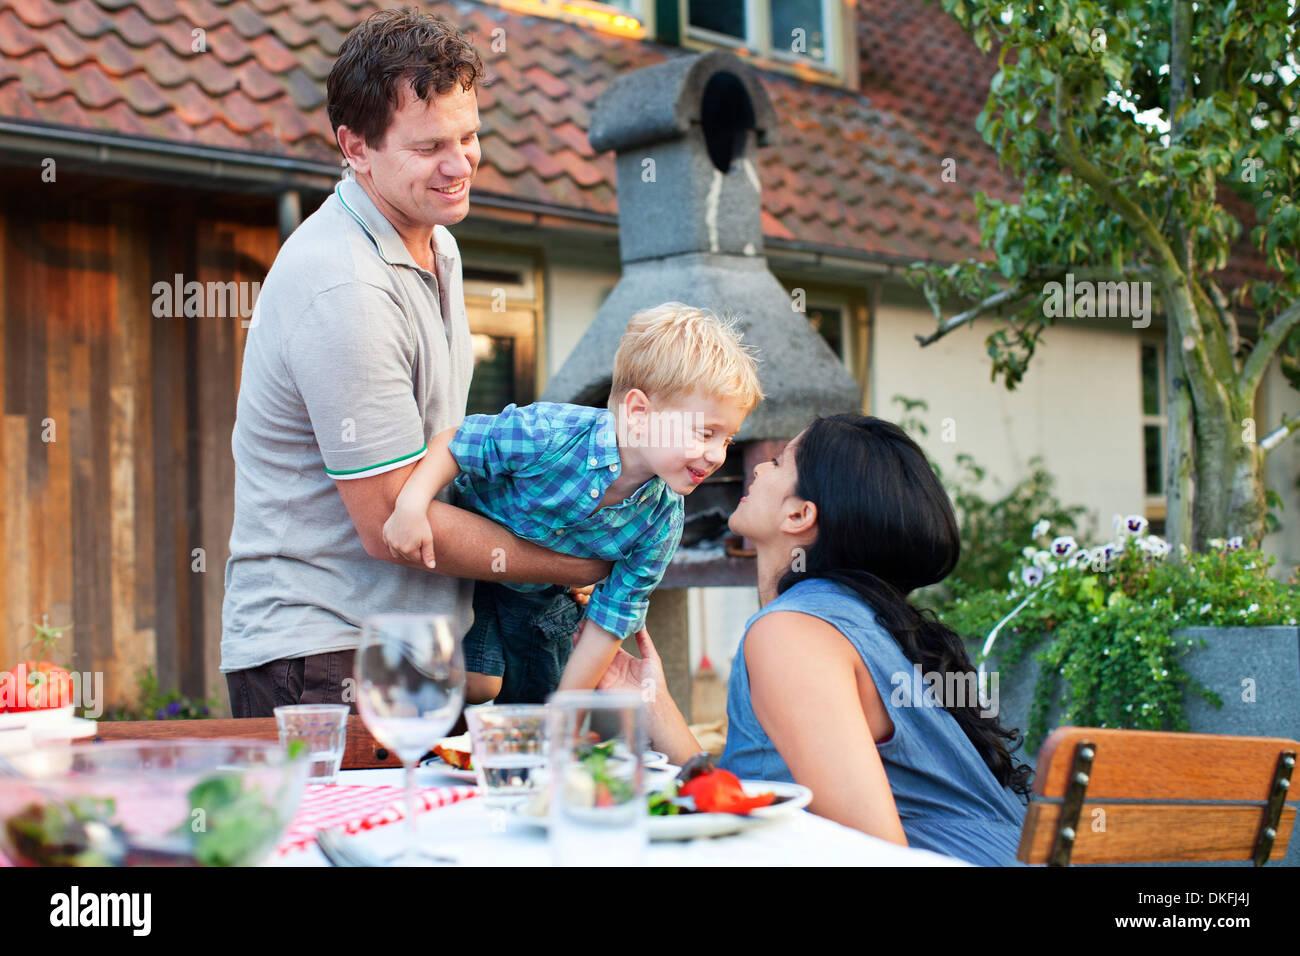 Familia cenando en el jardín Imagen De Stock